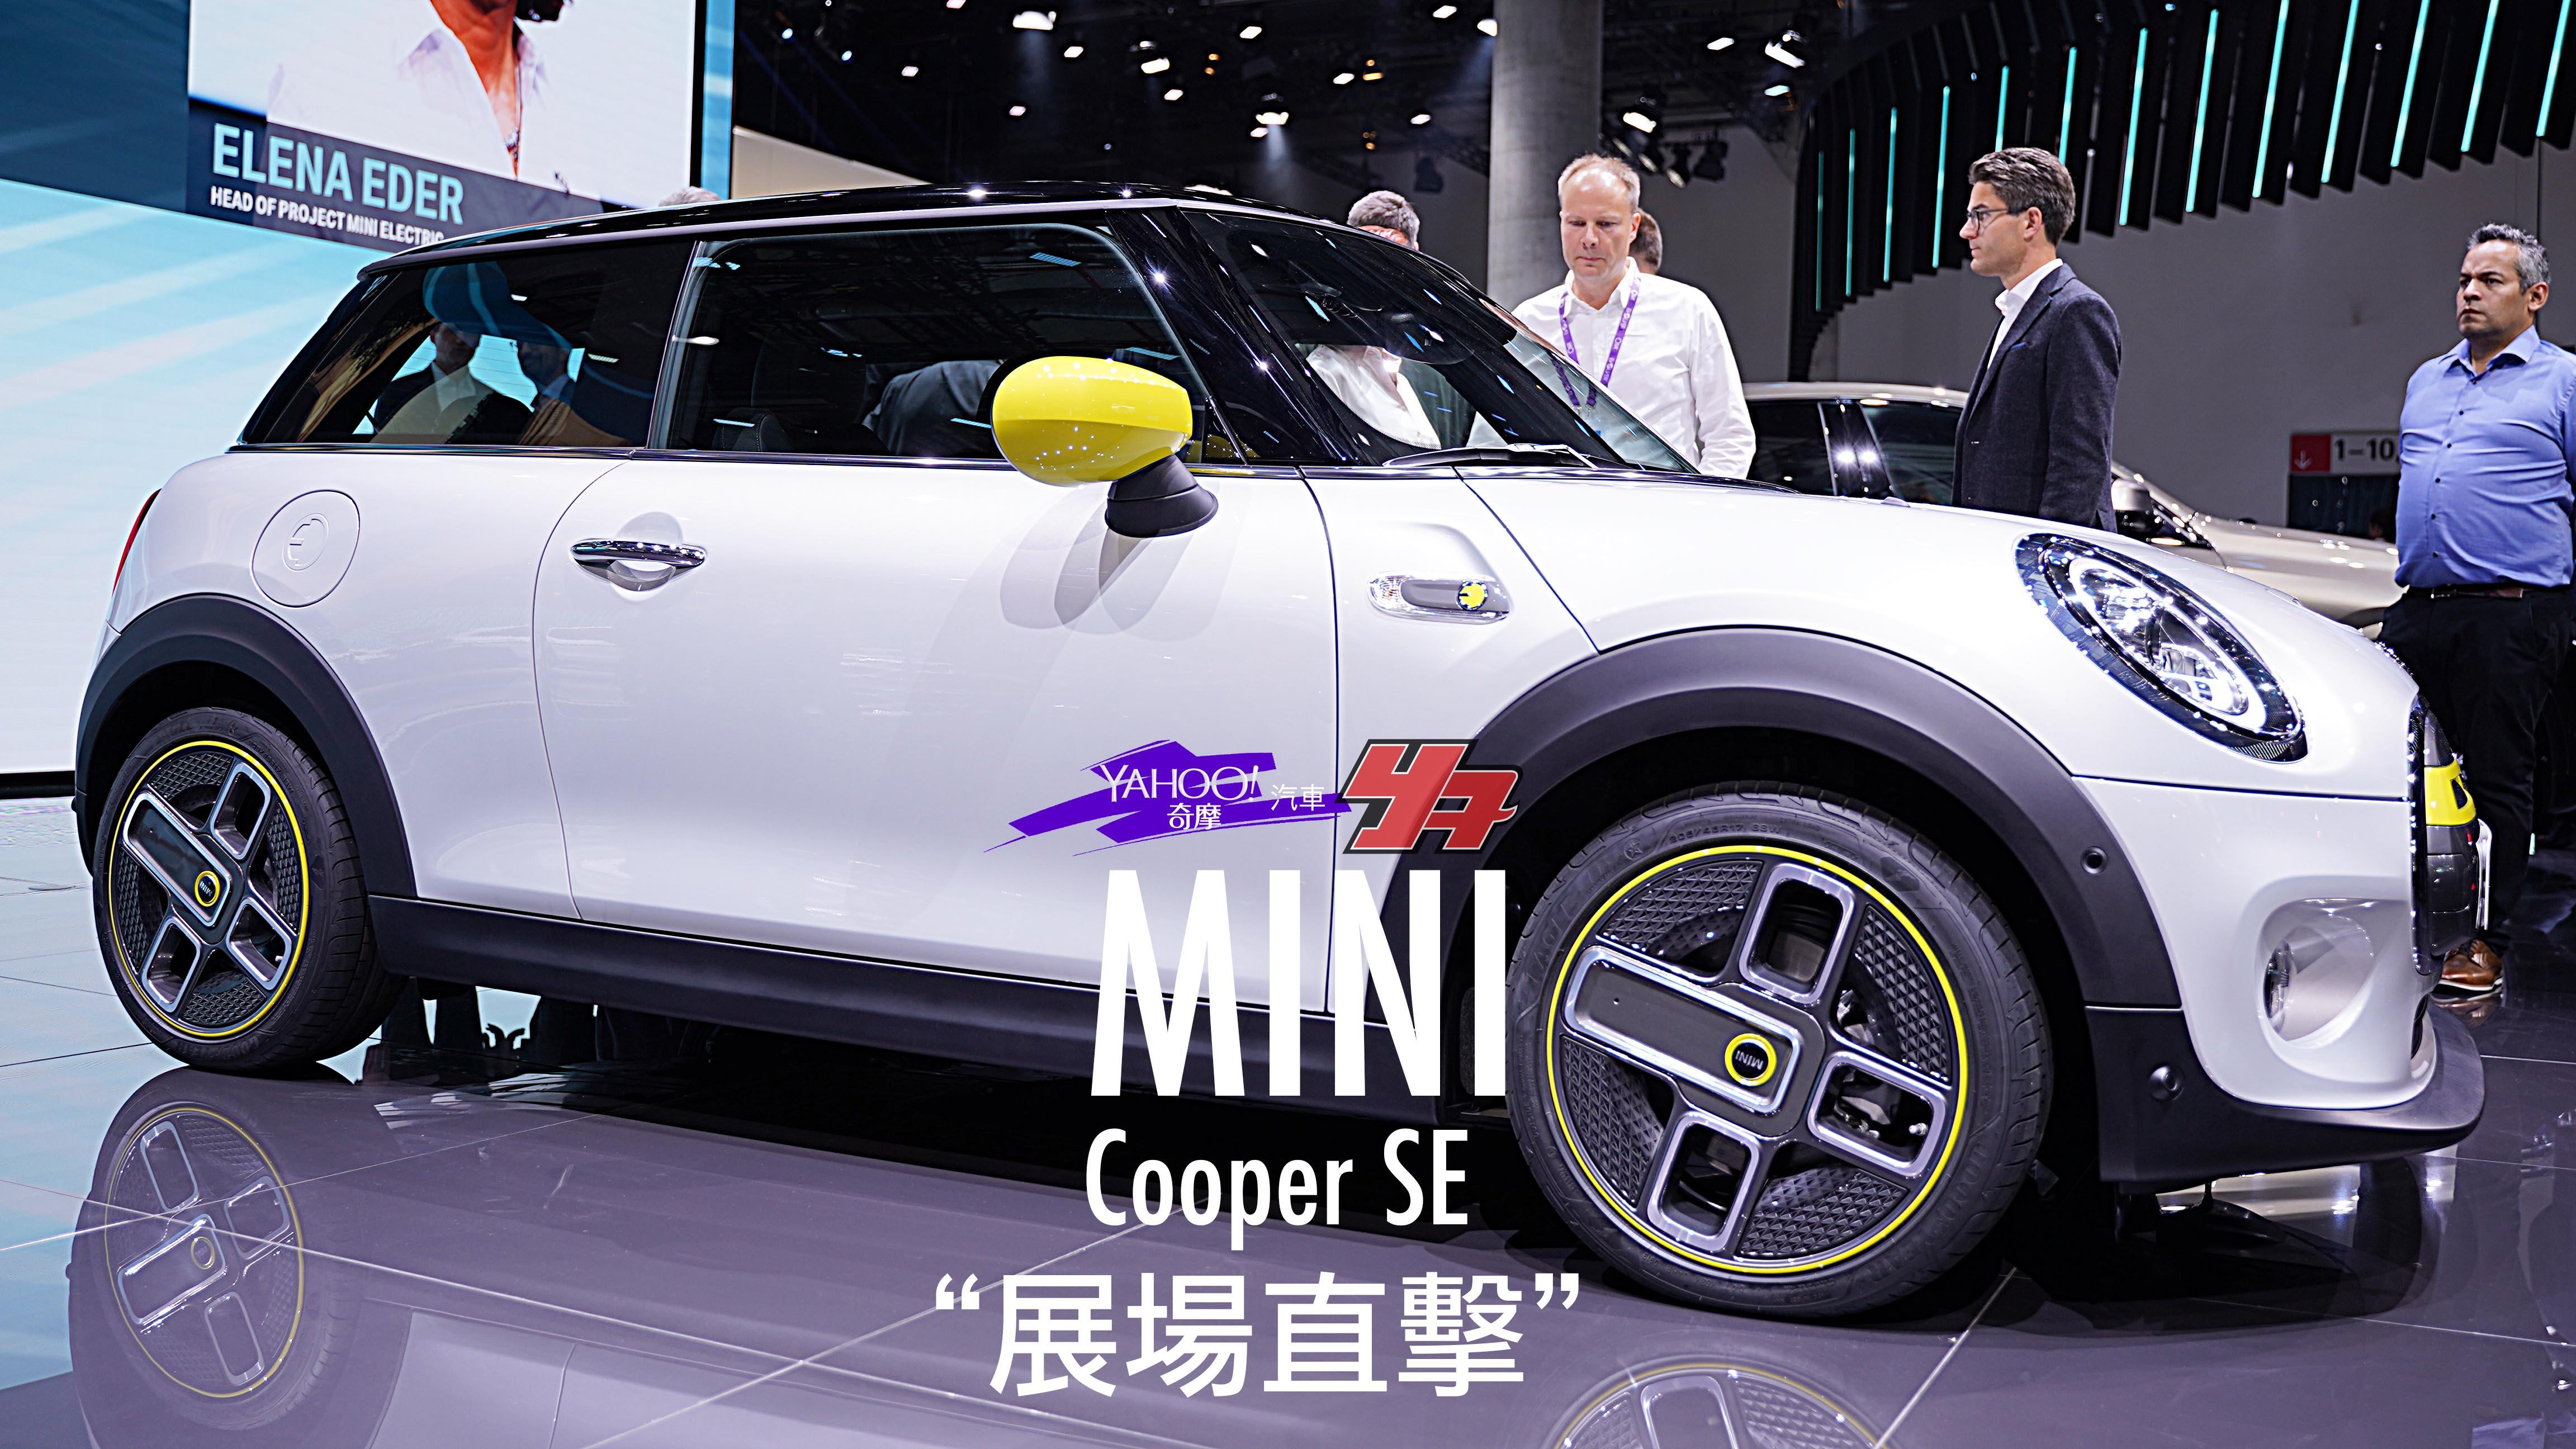 【2019法蘭克福車展直擊】行駛里程達270公里!2020 Mini Cooper SE準備好在歐洲帶電飆速!